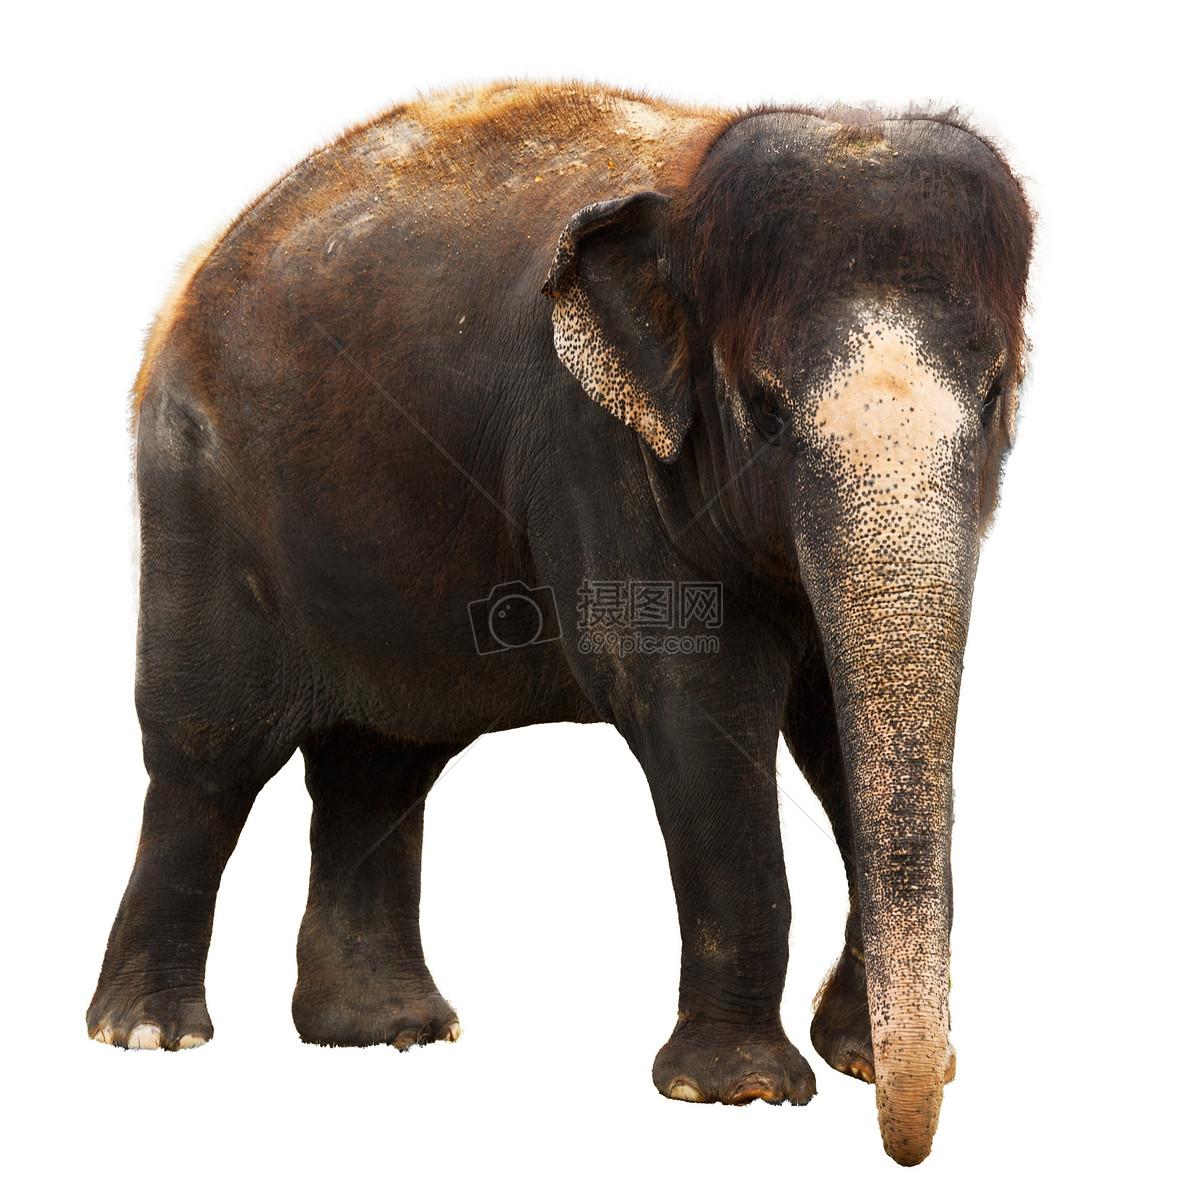 唯美图片 餐饮美食 长鼻子的大象jpg  分享: qq好友 微信朋友圈 qq